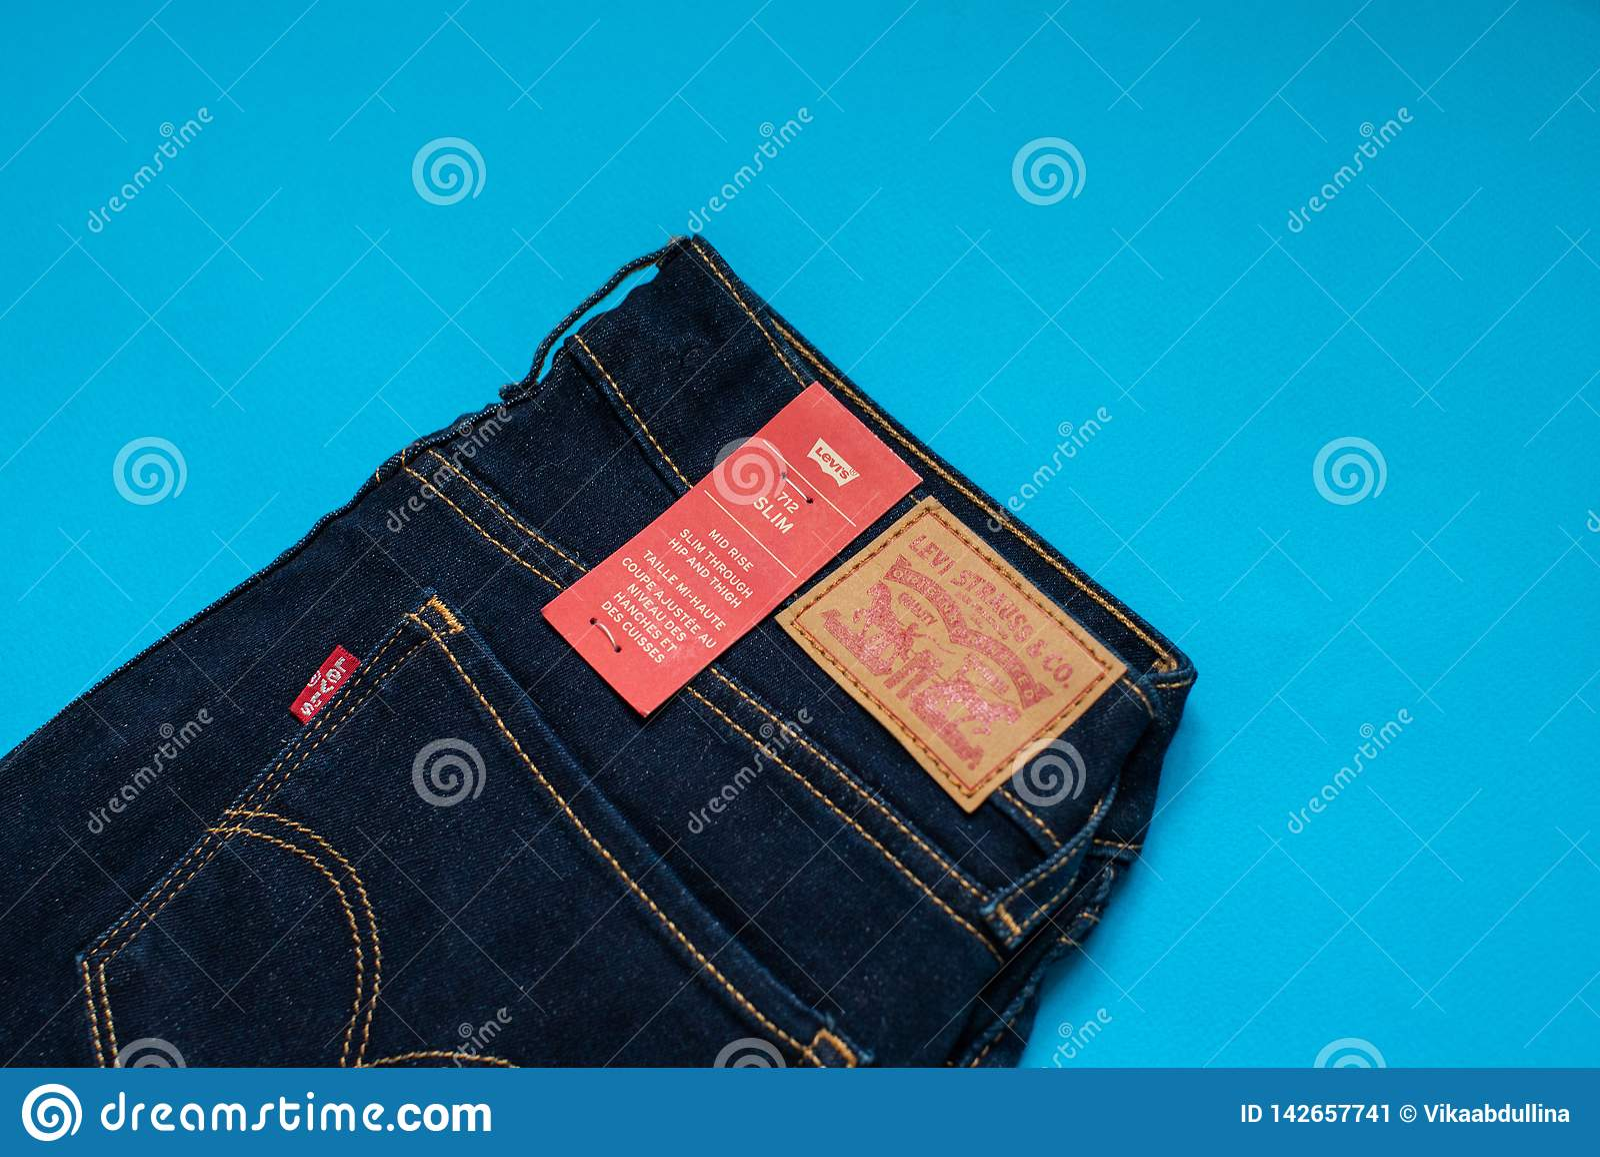 Das Modell 712 der Levi s-Denim-Jeans-Frauen dünn mit Markenetiketts